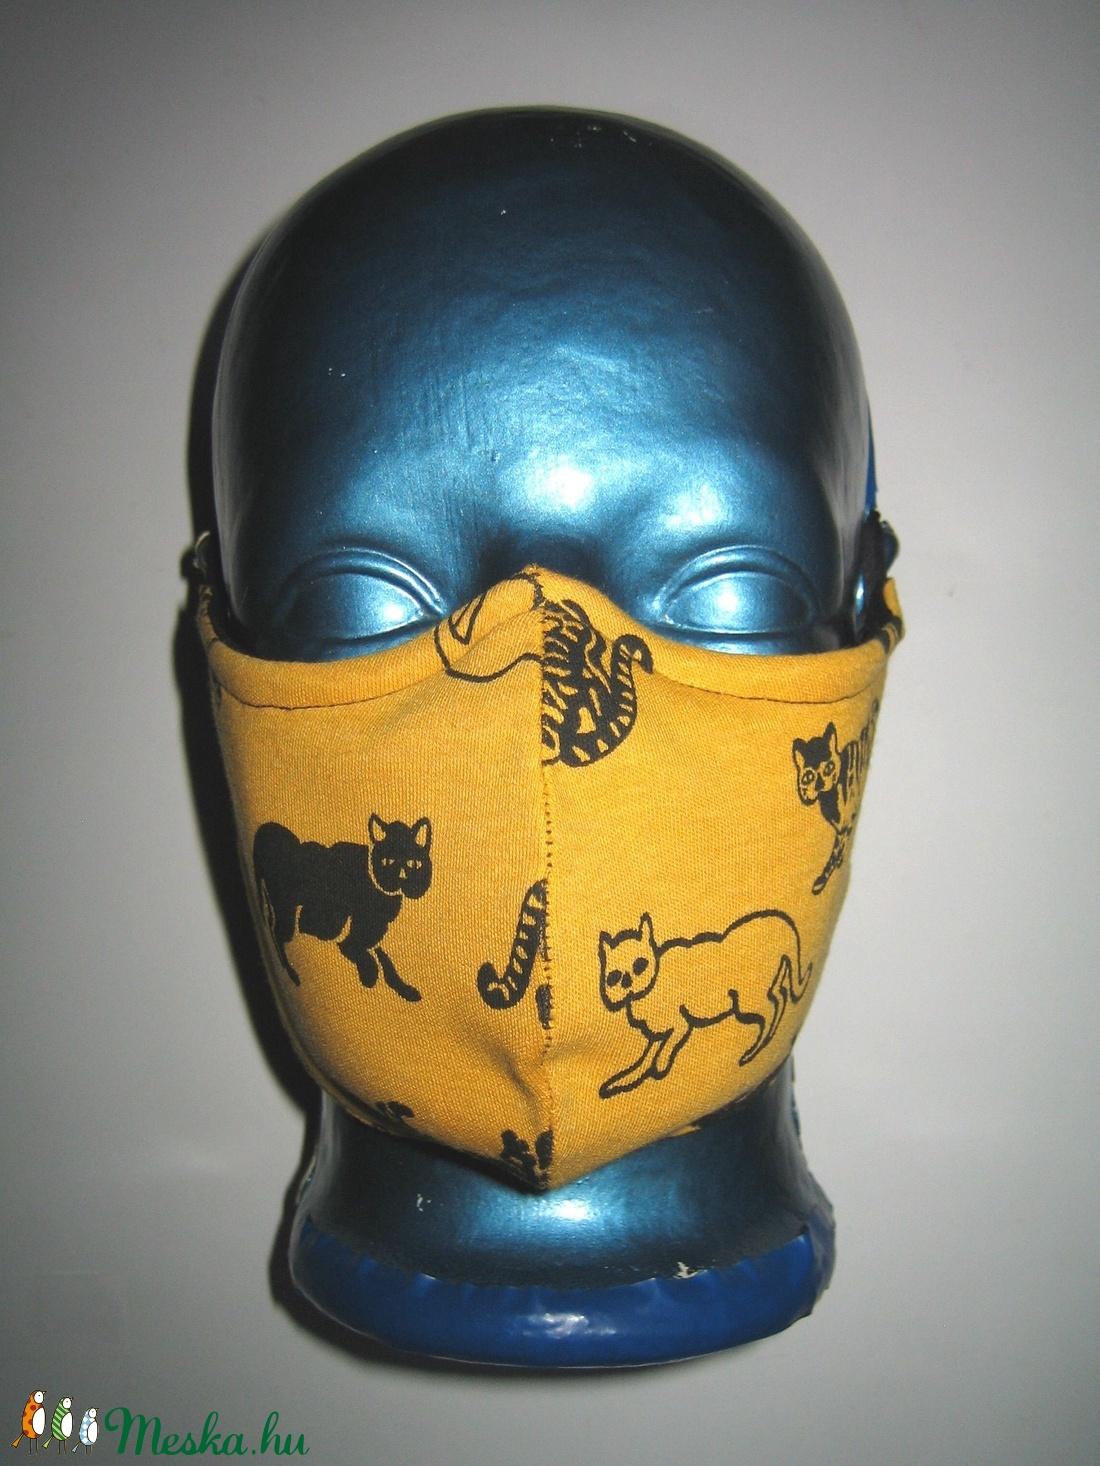 Egyedi orrmerevítős szájmaszk  fülreakasztható arcmaszk textilmaszk - maszk, arcmaszk - női - Meska.hu